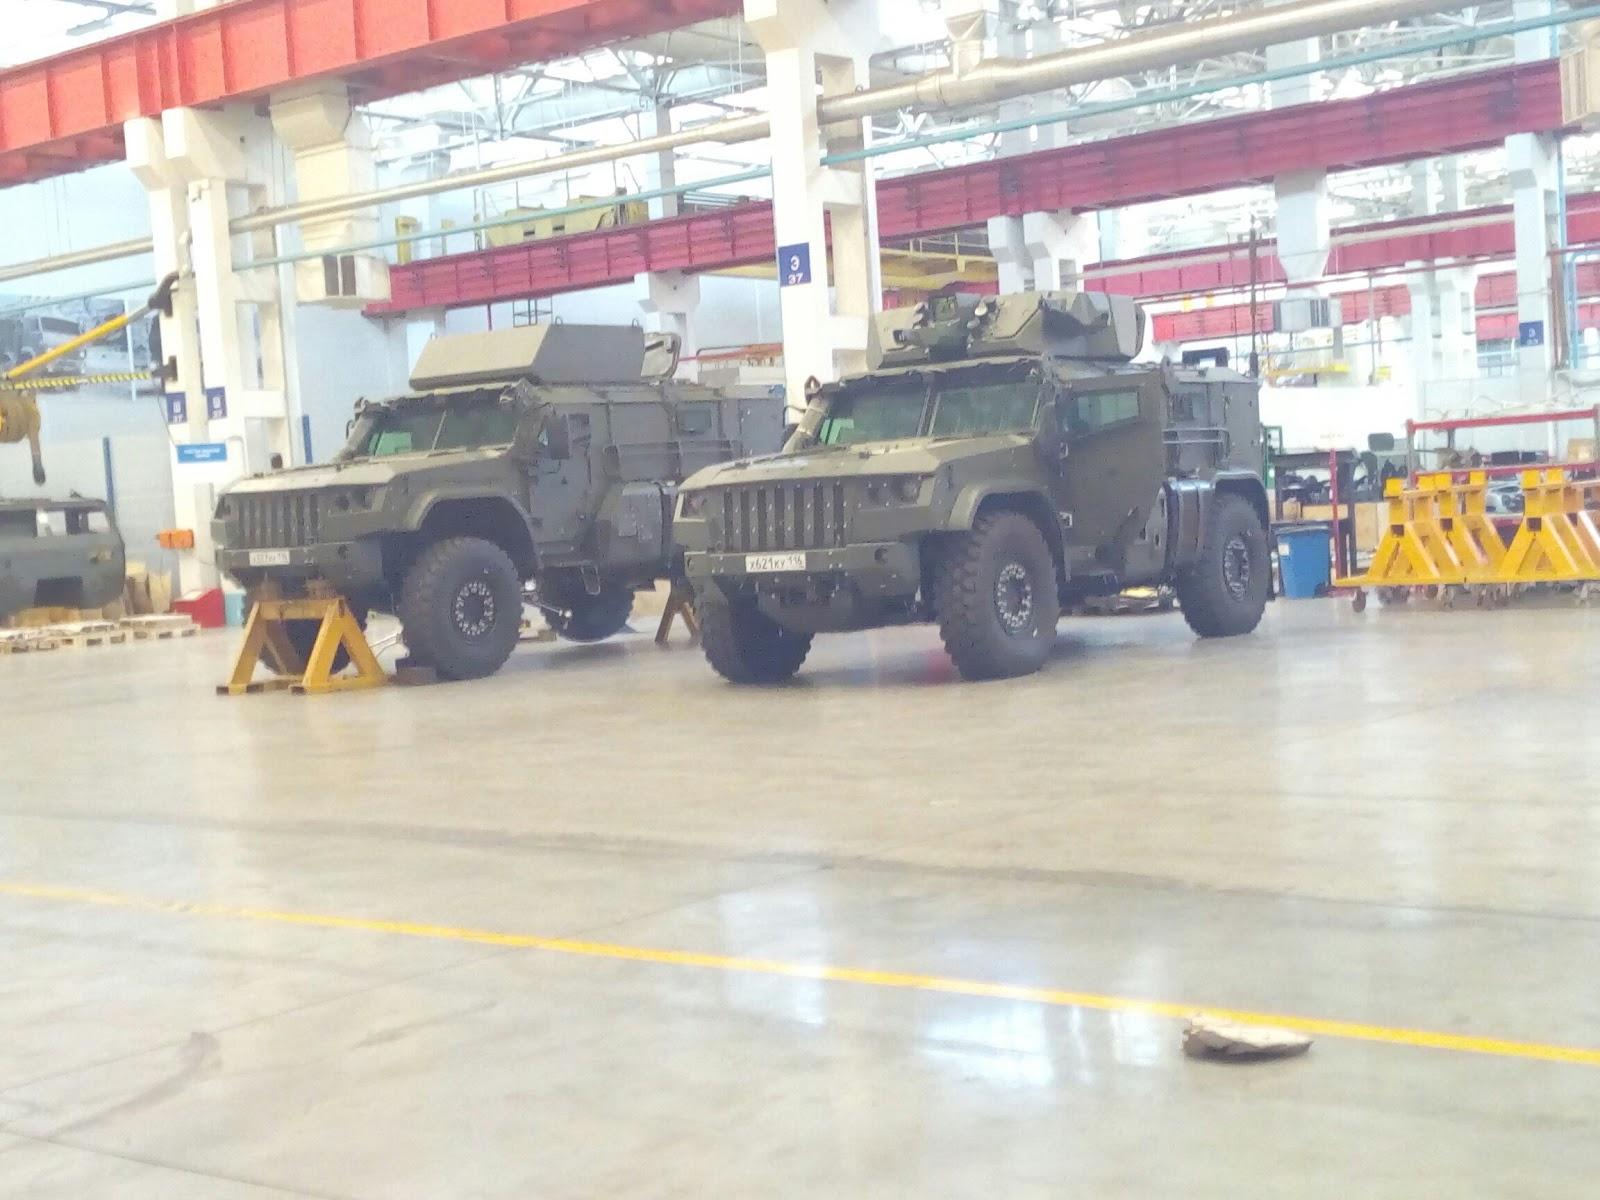 """EXCLUSIVO: Por dentro do K-4386 """"Typhoon-VDV"""" (""""Wolverine"""") o novo veículo blindado das Tropas Aerotransportadas da Federação Russa"""